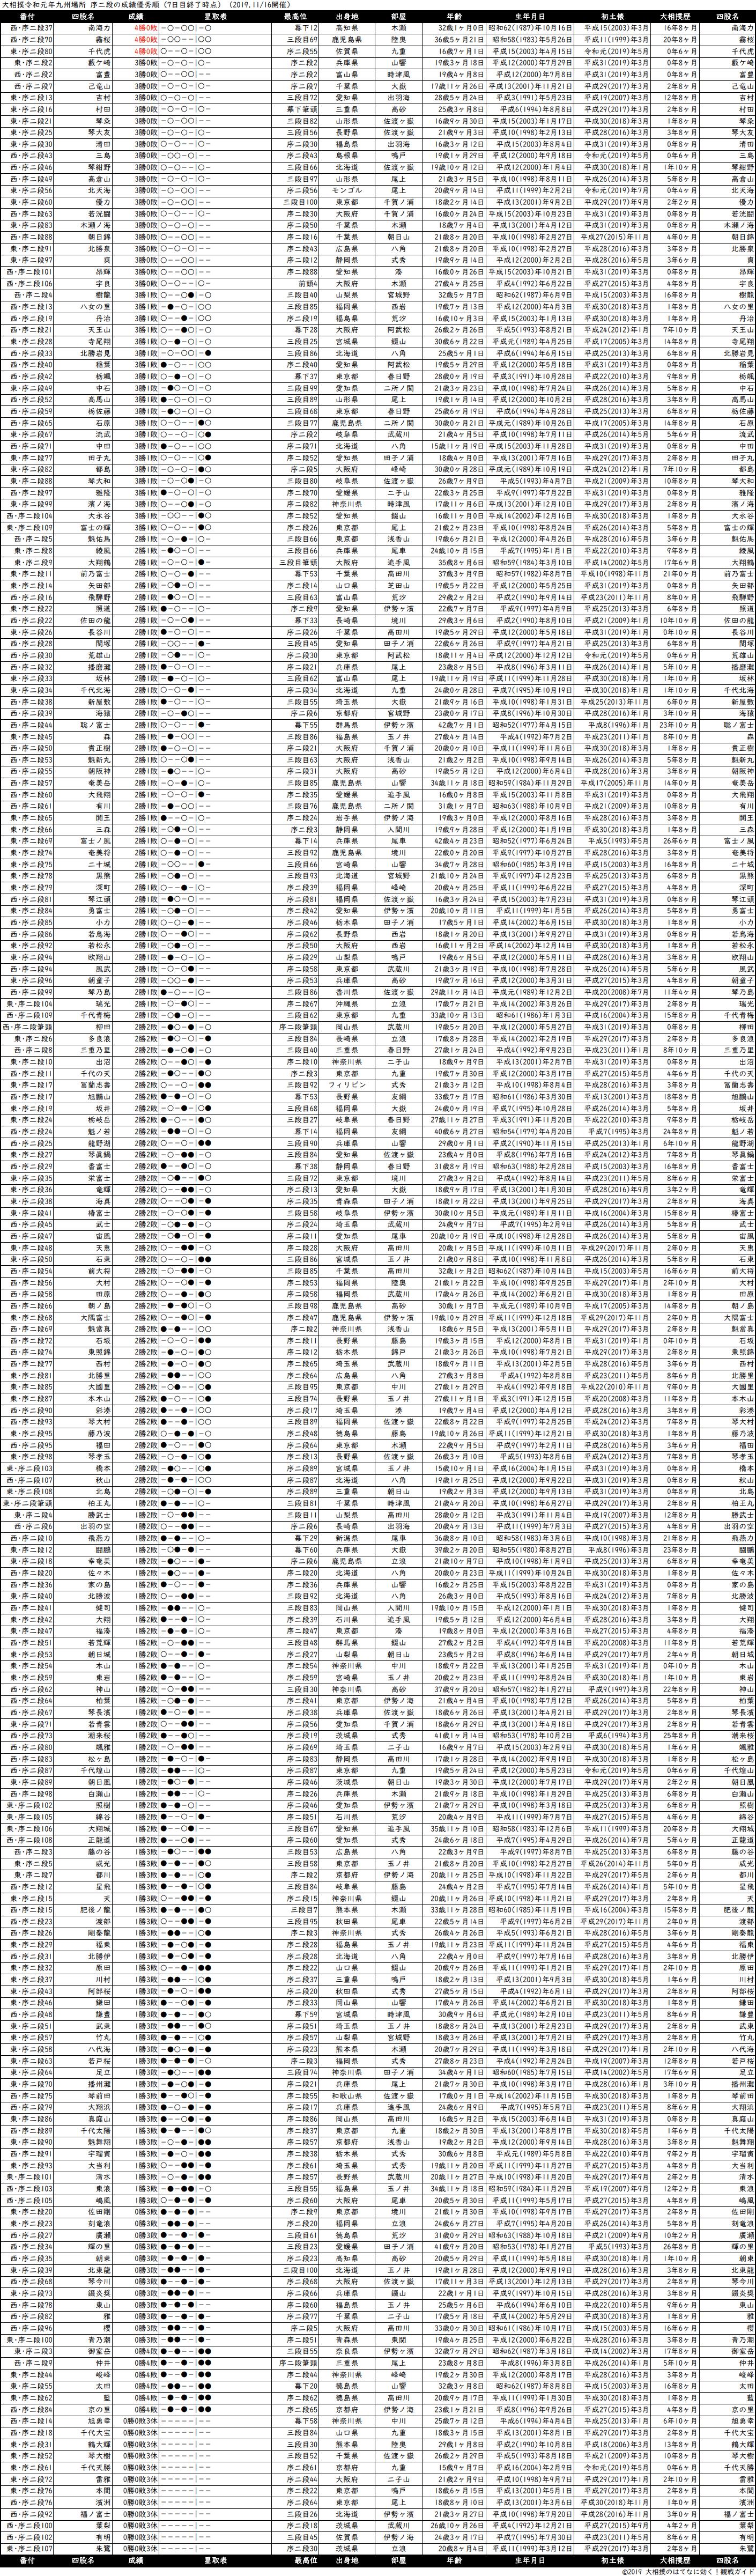 序二段成績順一覧表・2019年11月場所7日目